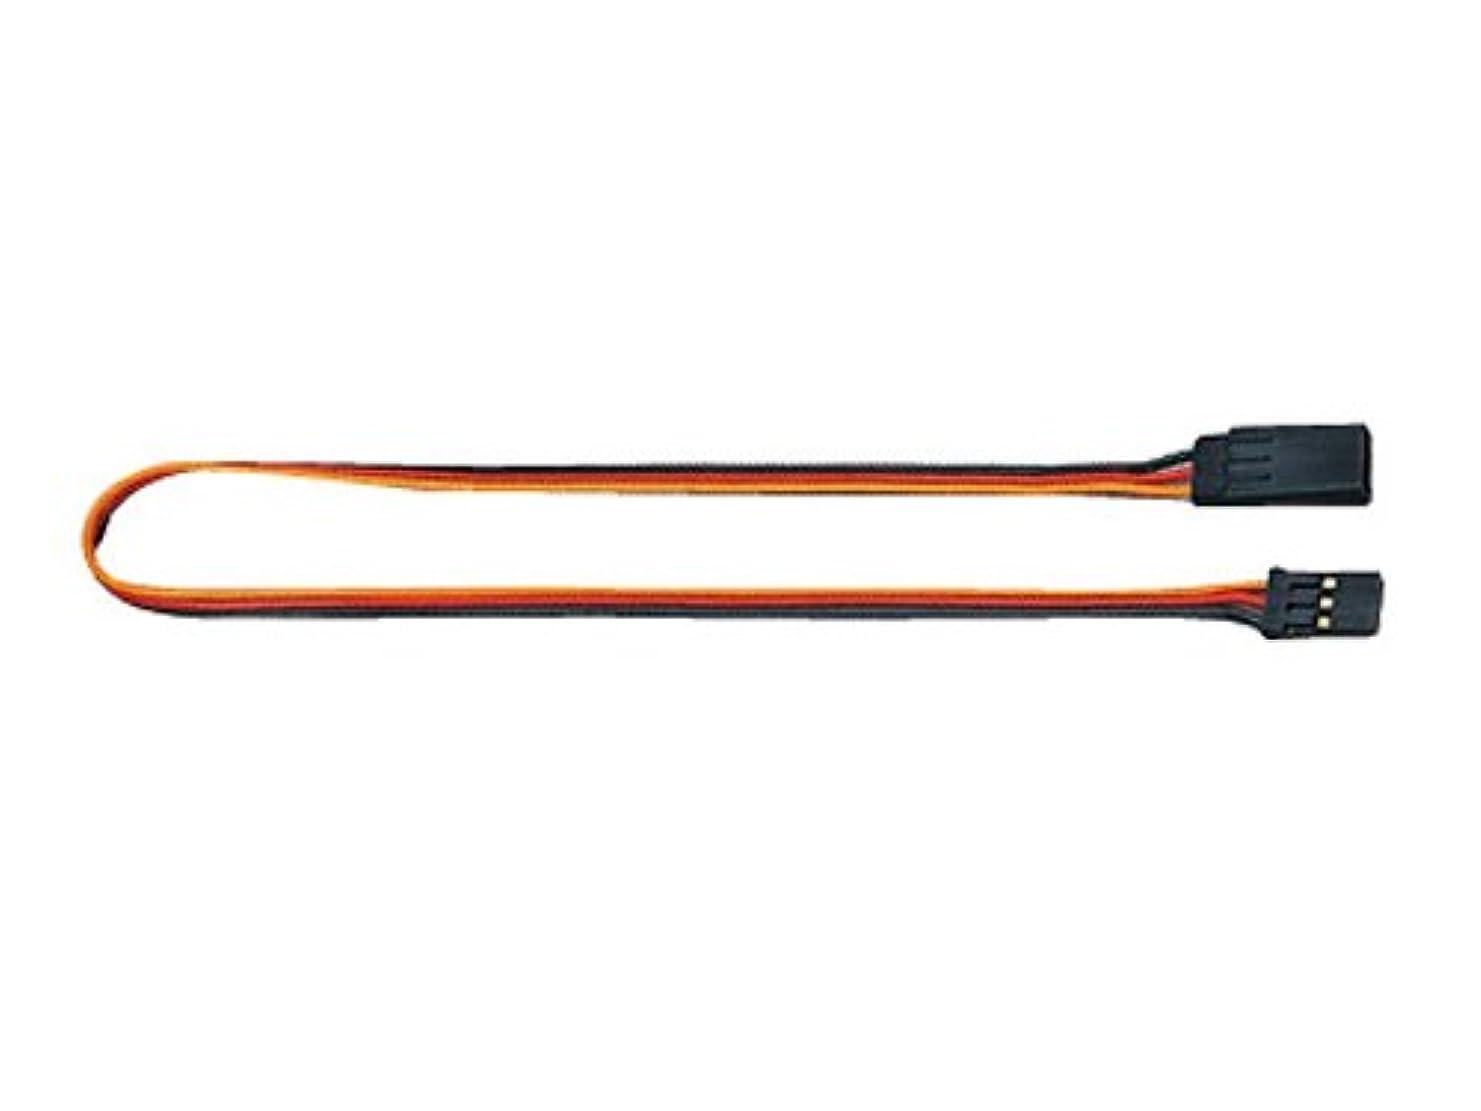 少数一貫性のない大砲リードハーネス 800LG 800mm (60芯) 04622